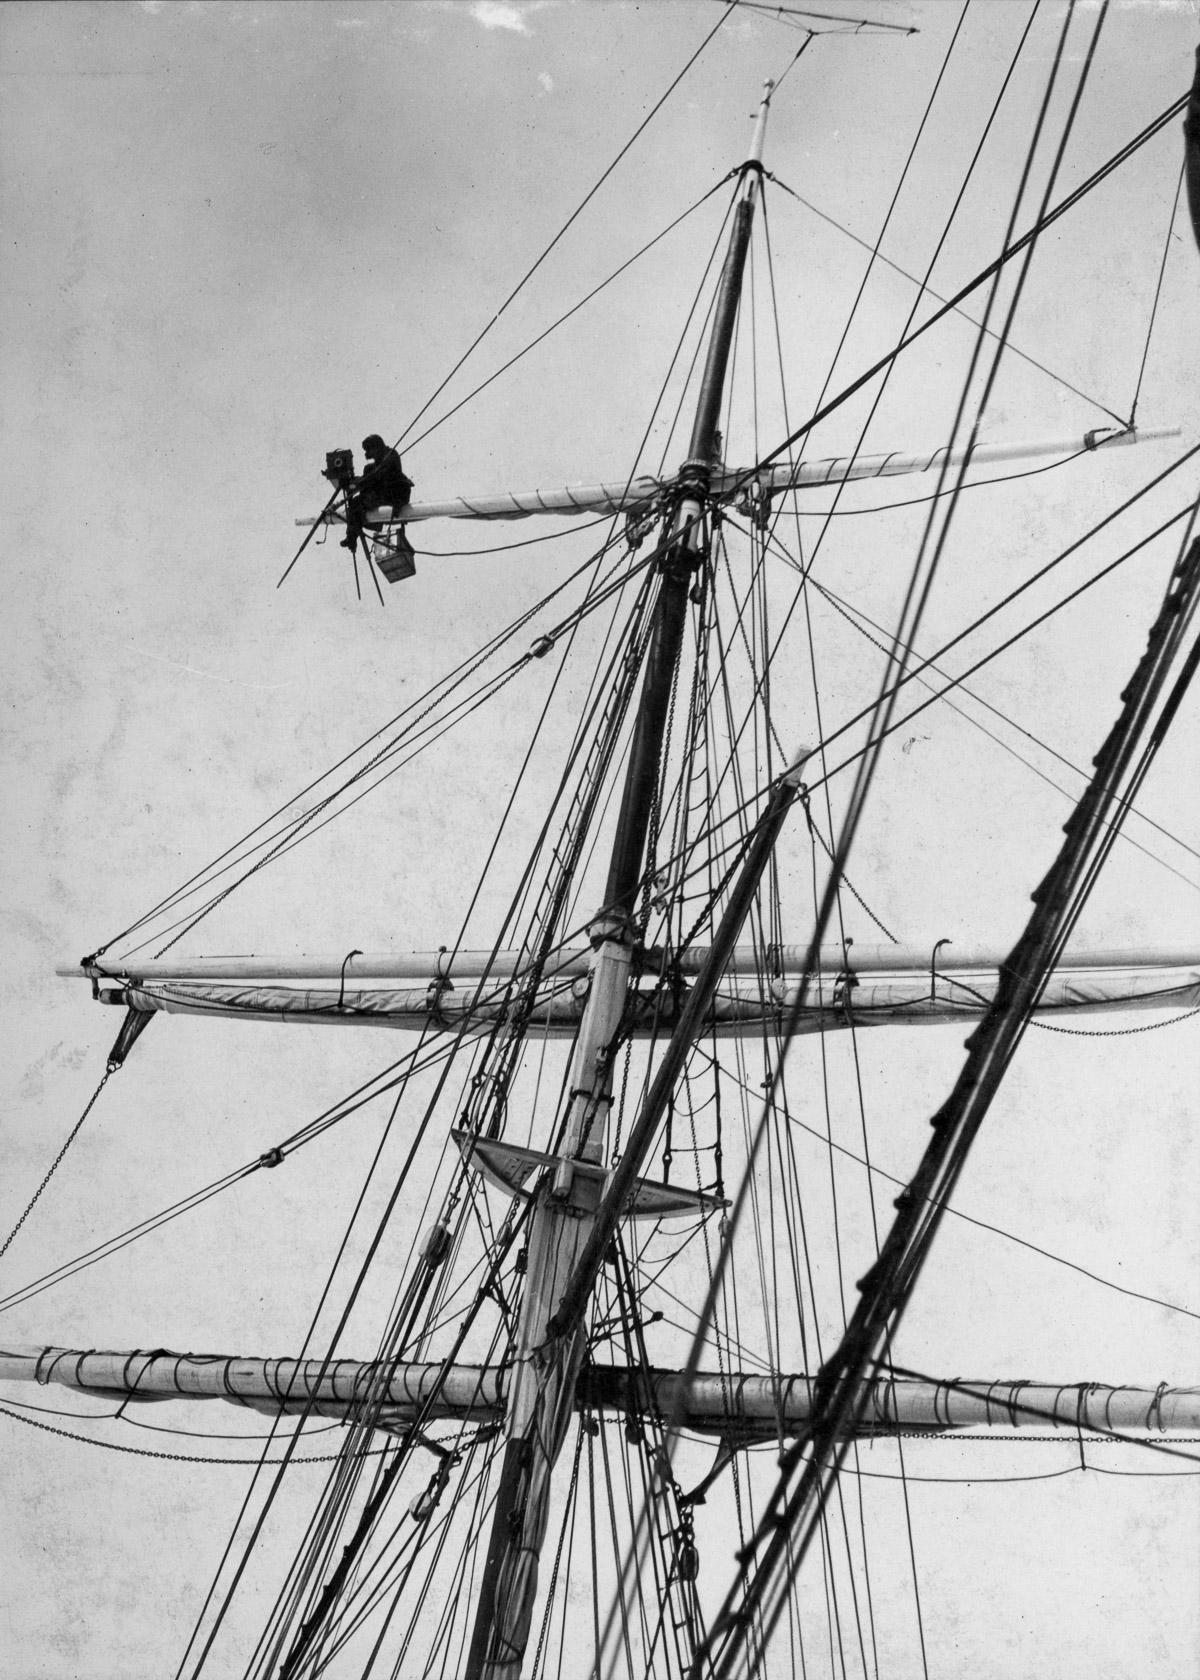 Fotografii Imperskoy transantarkticheskoy ekspeditsiey 14